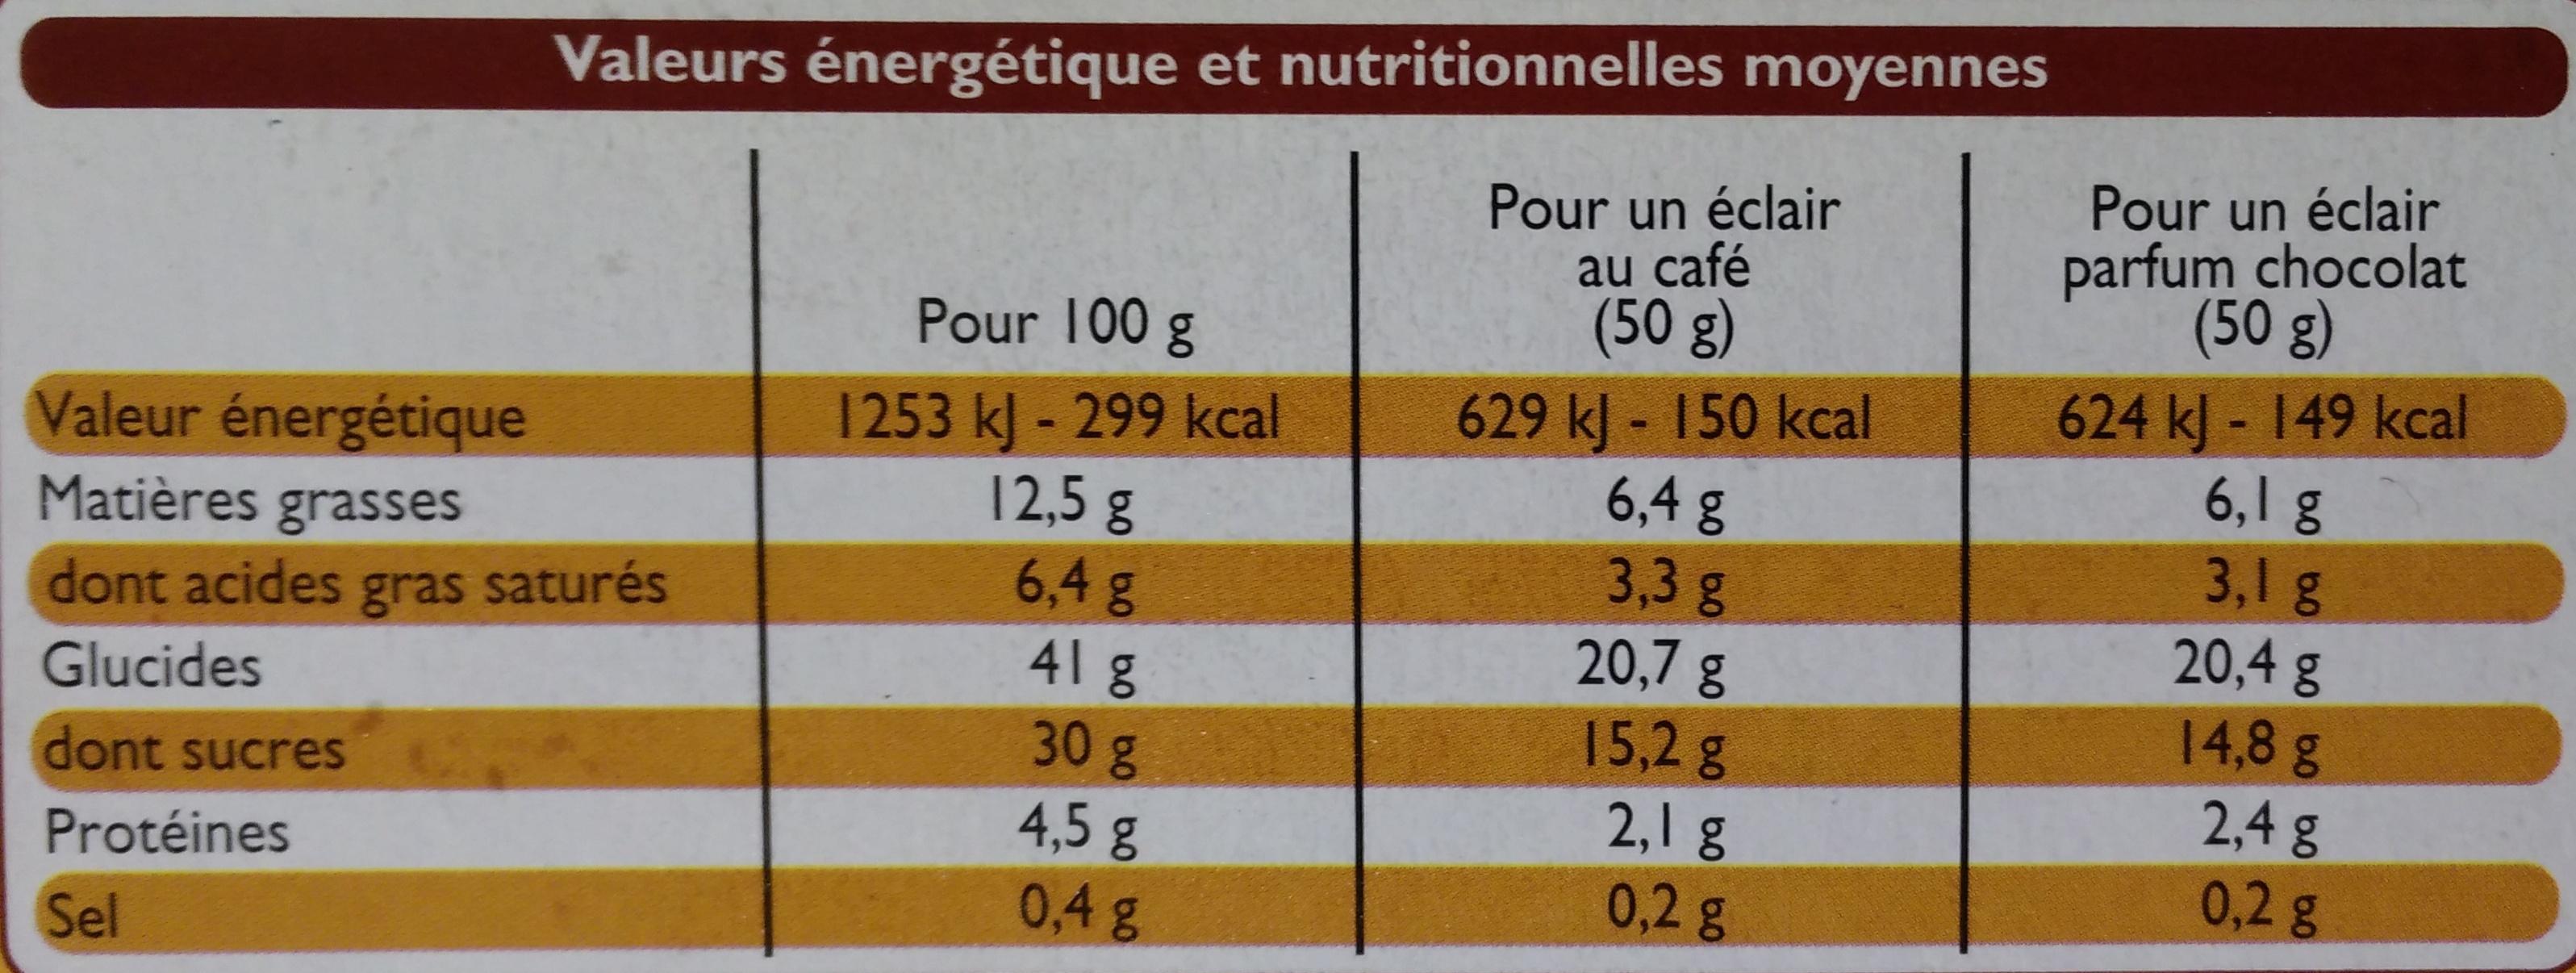 Eclairs au Café & parfum Chocolat - Informations nutritionnelles - fr